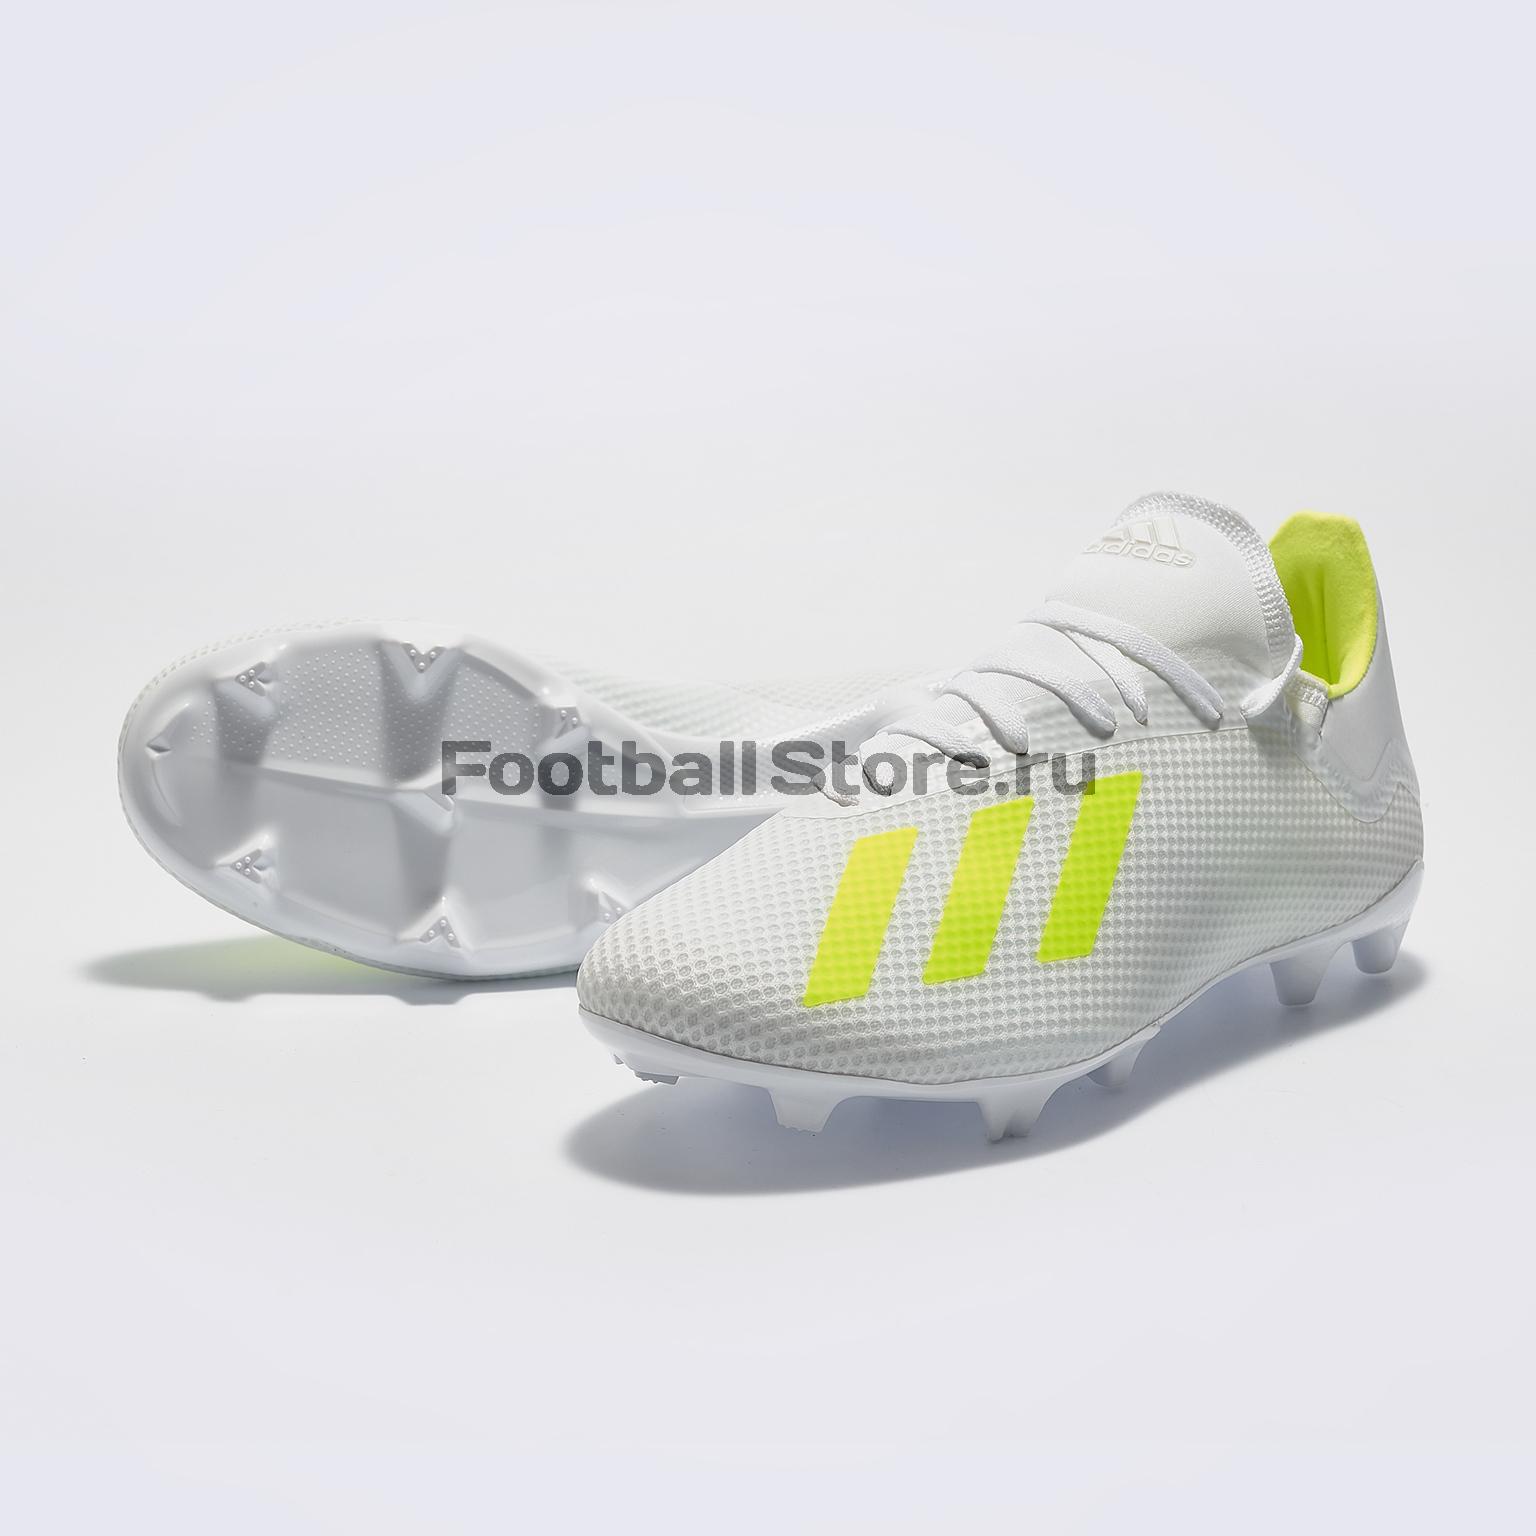 Бутсы Adidas X 18.3 FG BB9368 бутсы adidas x 17 1 fg bb6353